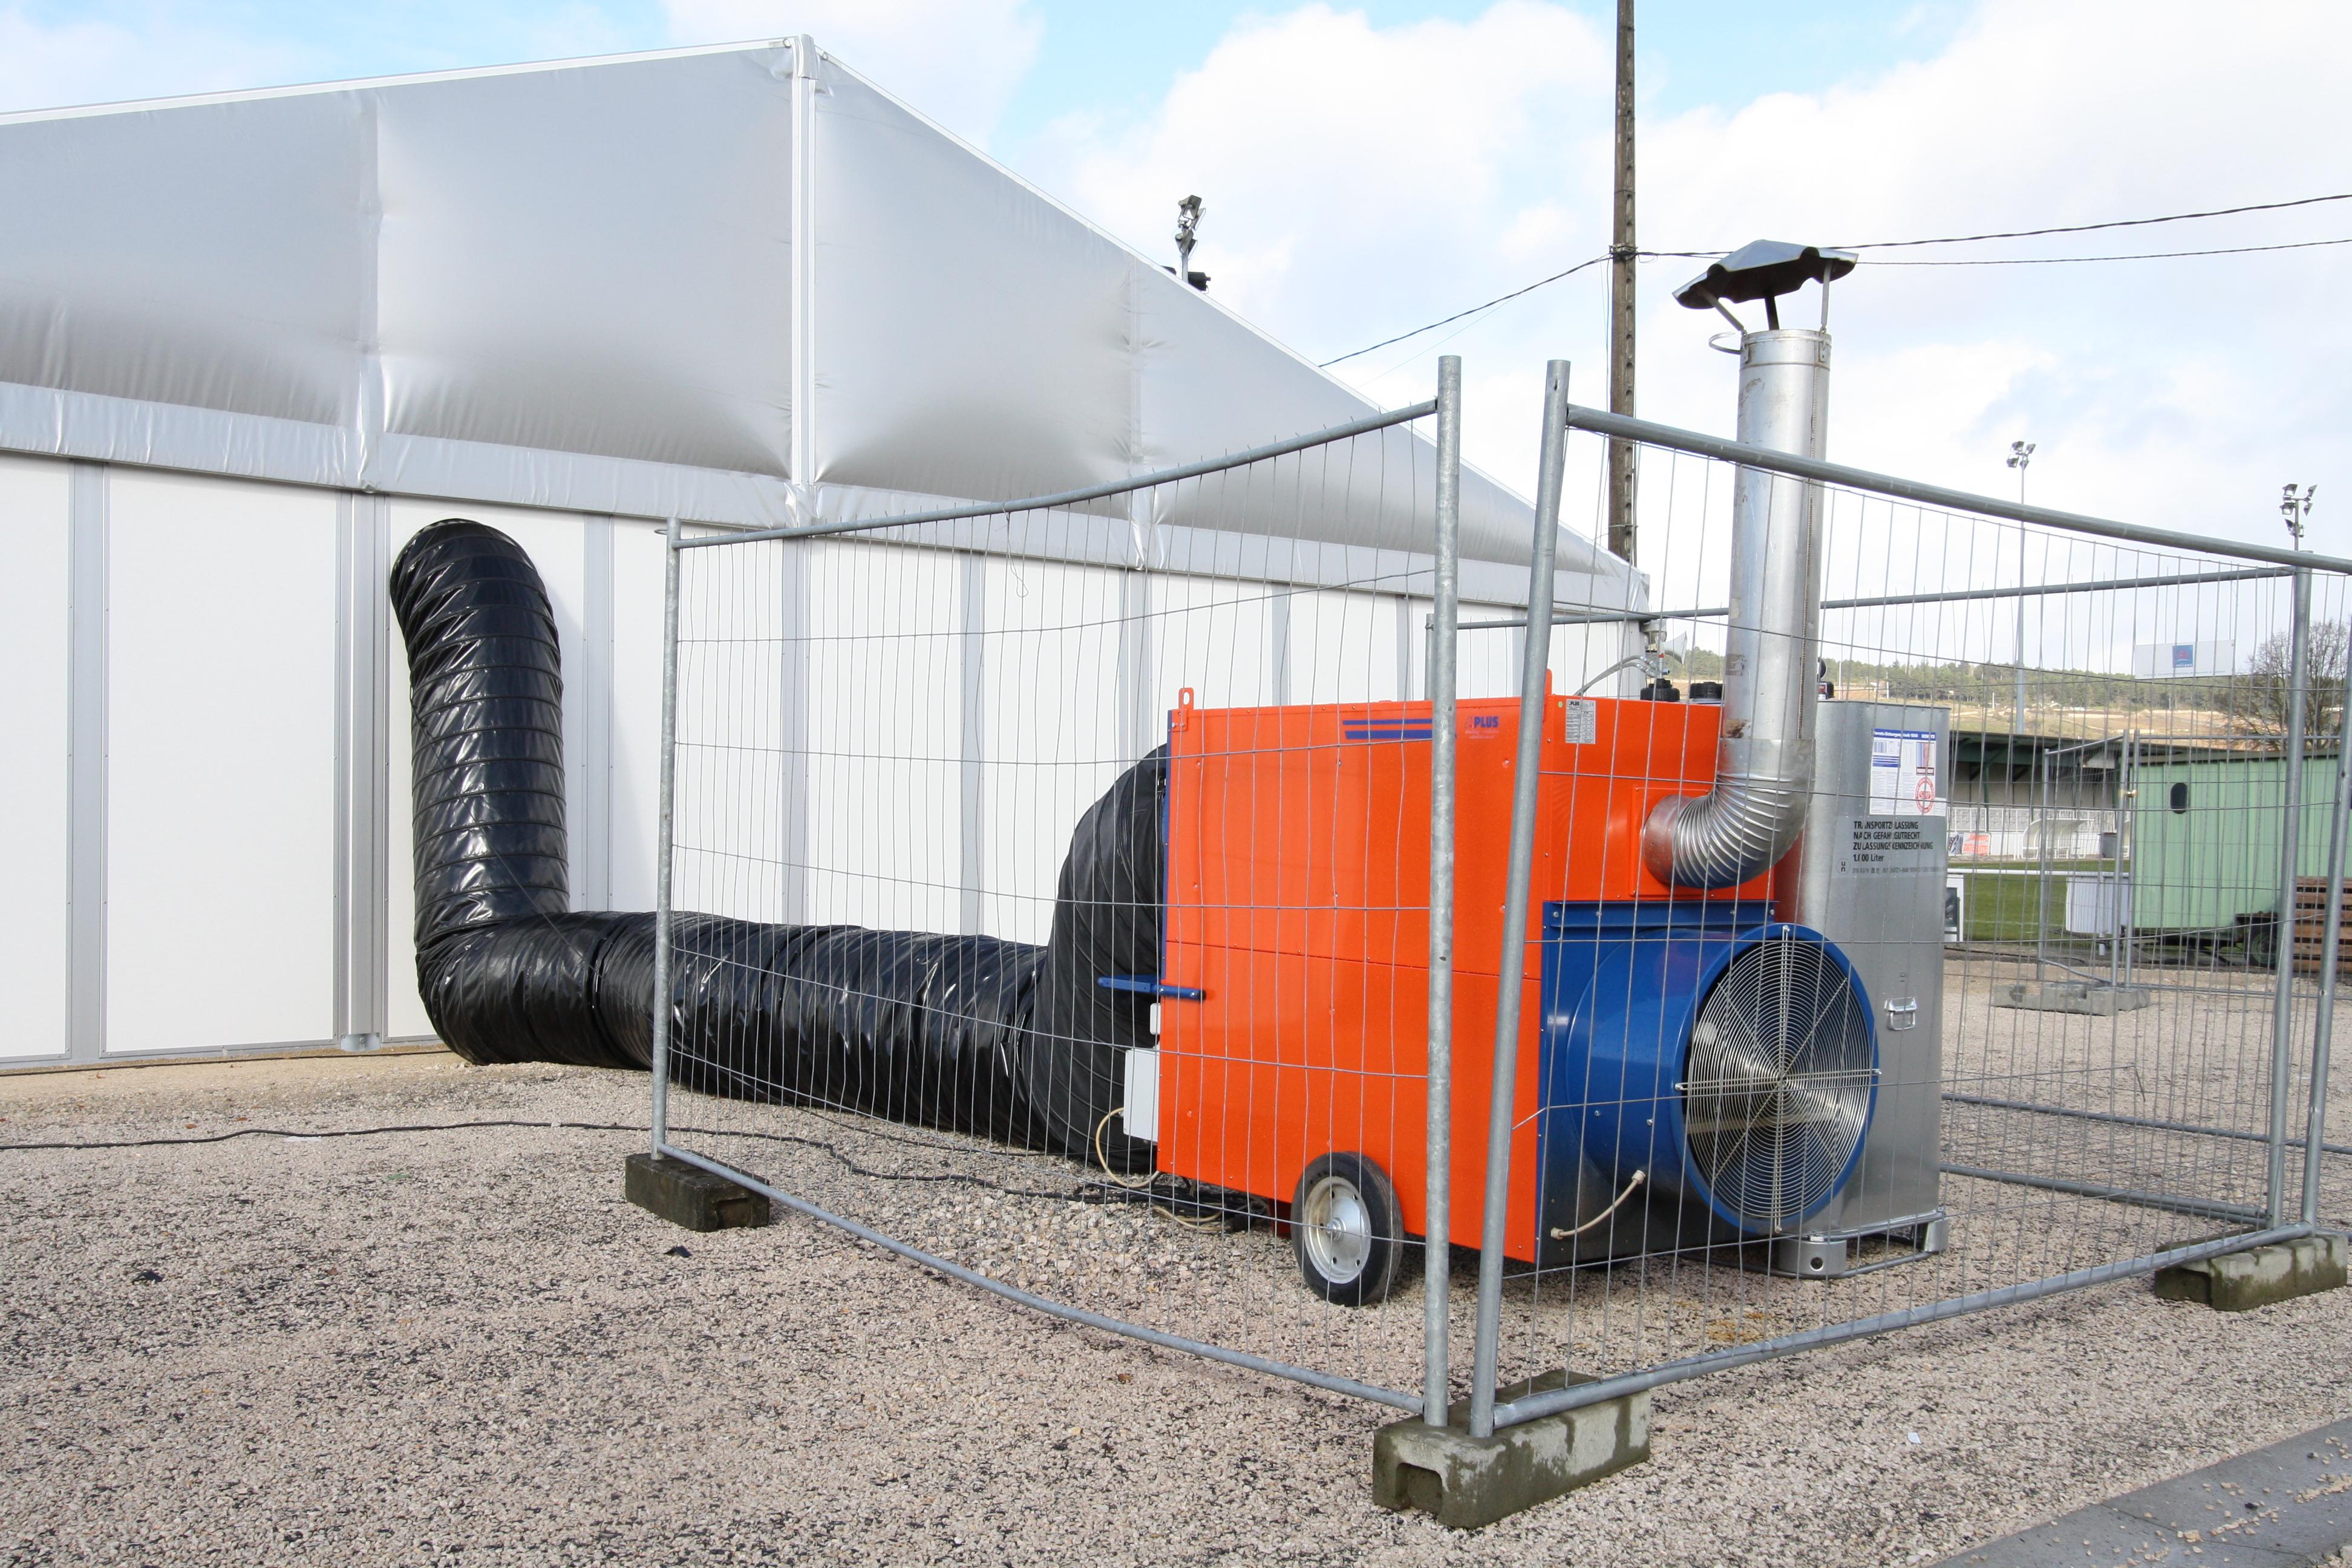 Entretien chauffage gaz caravane Devis Materiauxà Creteil Chambery Creteil entreprise mpdmmr # Achat Bois De Chauffage En Gros